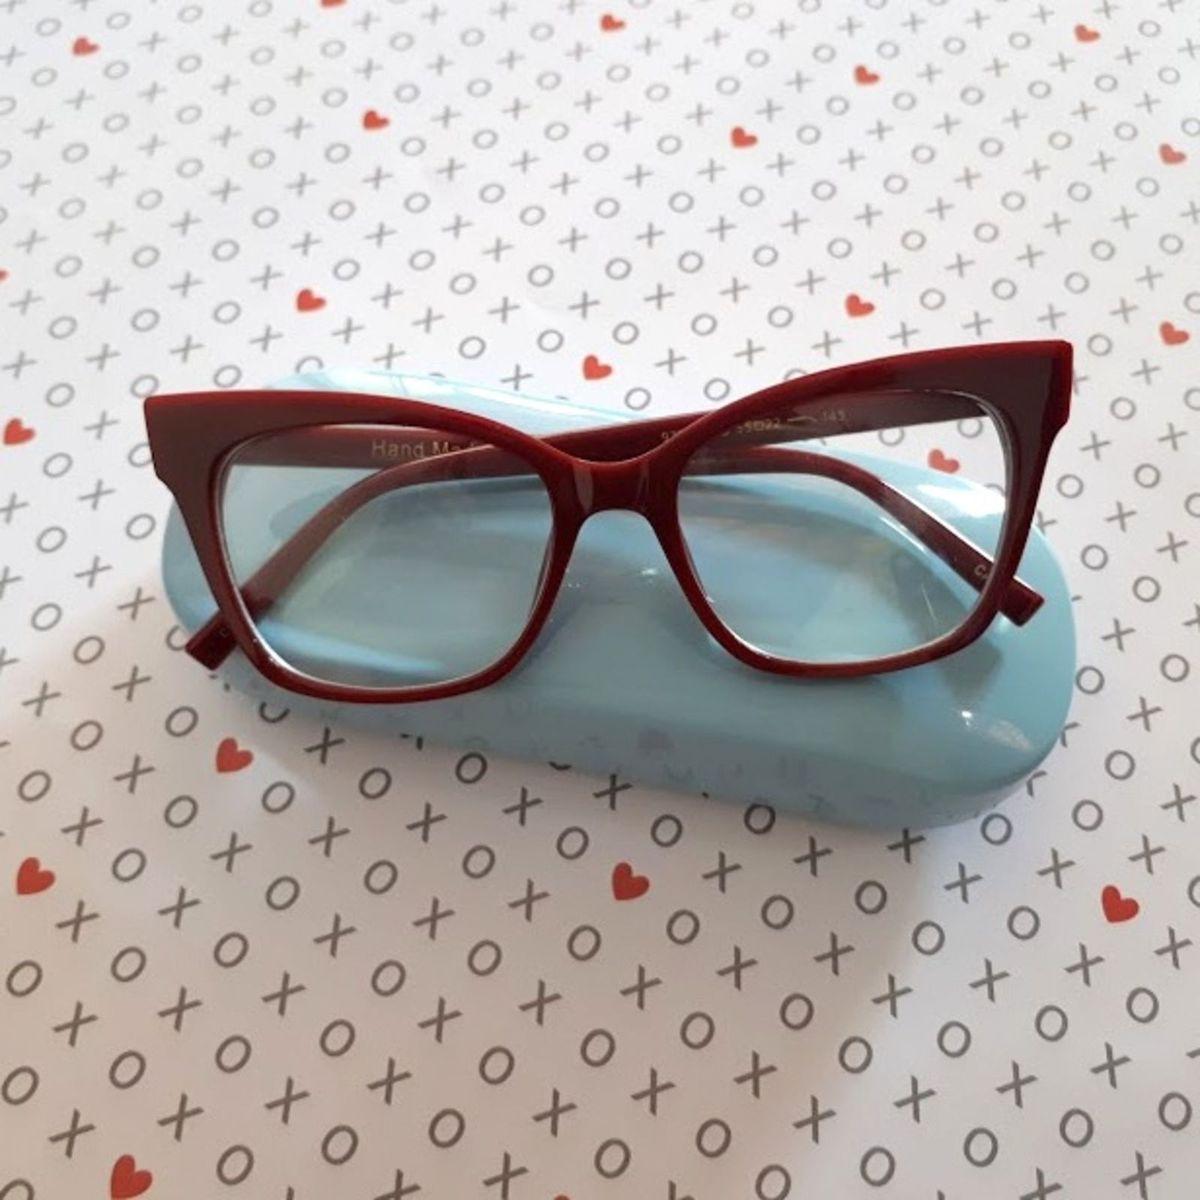 armação de óculos gatinho - óculos sem marca.  Czm6ly9wag90b3muzw5qb2vplmnvbs5ici9wcm9kdwn0cy80nzeymtk5lzm1mdkxndblymi0oti5zwrjywzhntc1ywnhotk3yzc0lmpwzw  ... 39ffcd66af